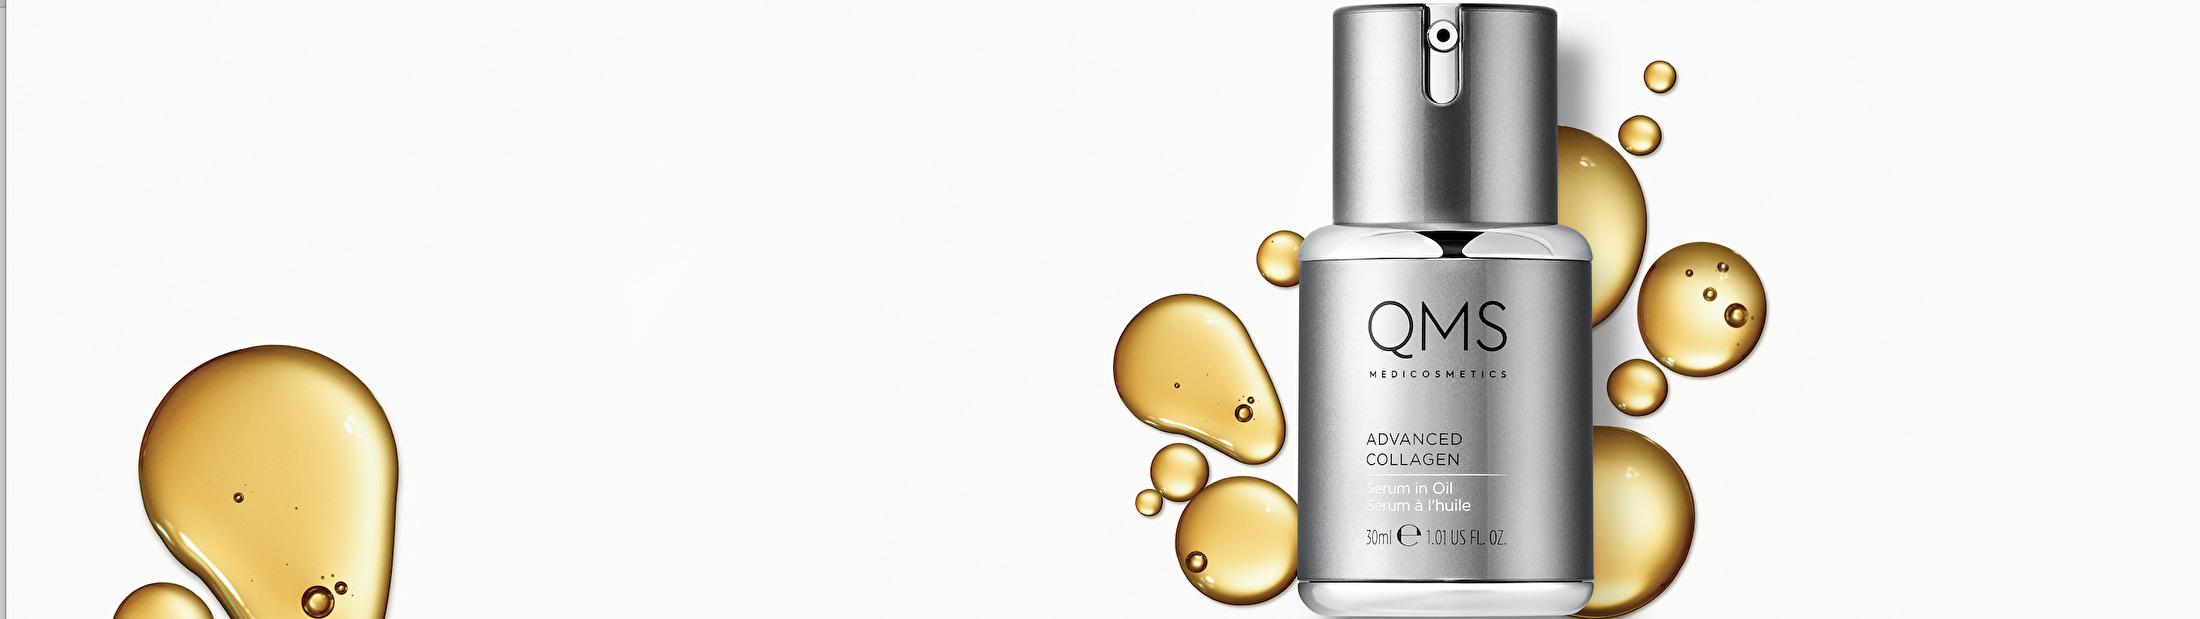 NIEUW Collagen Serum in Oil